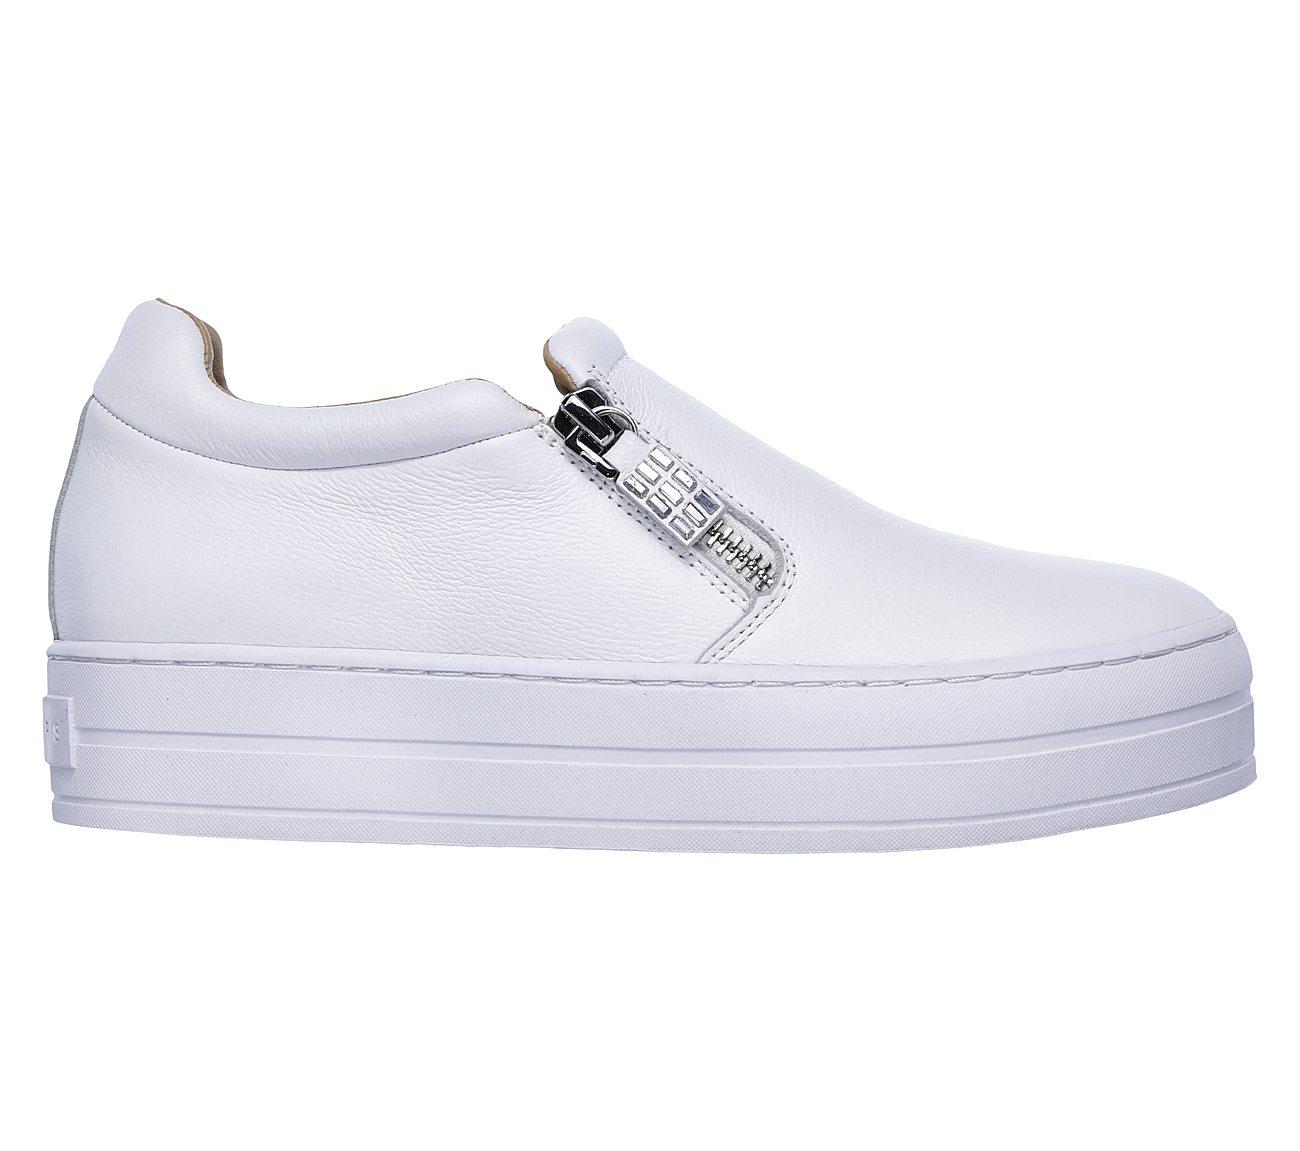 Buy SKECHERS Uplift SKECHER Street Shoes